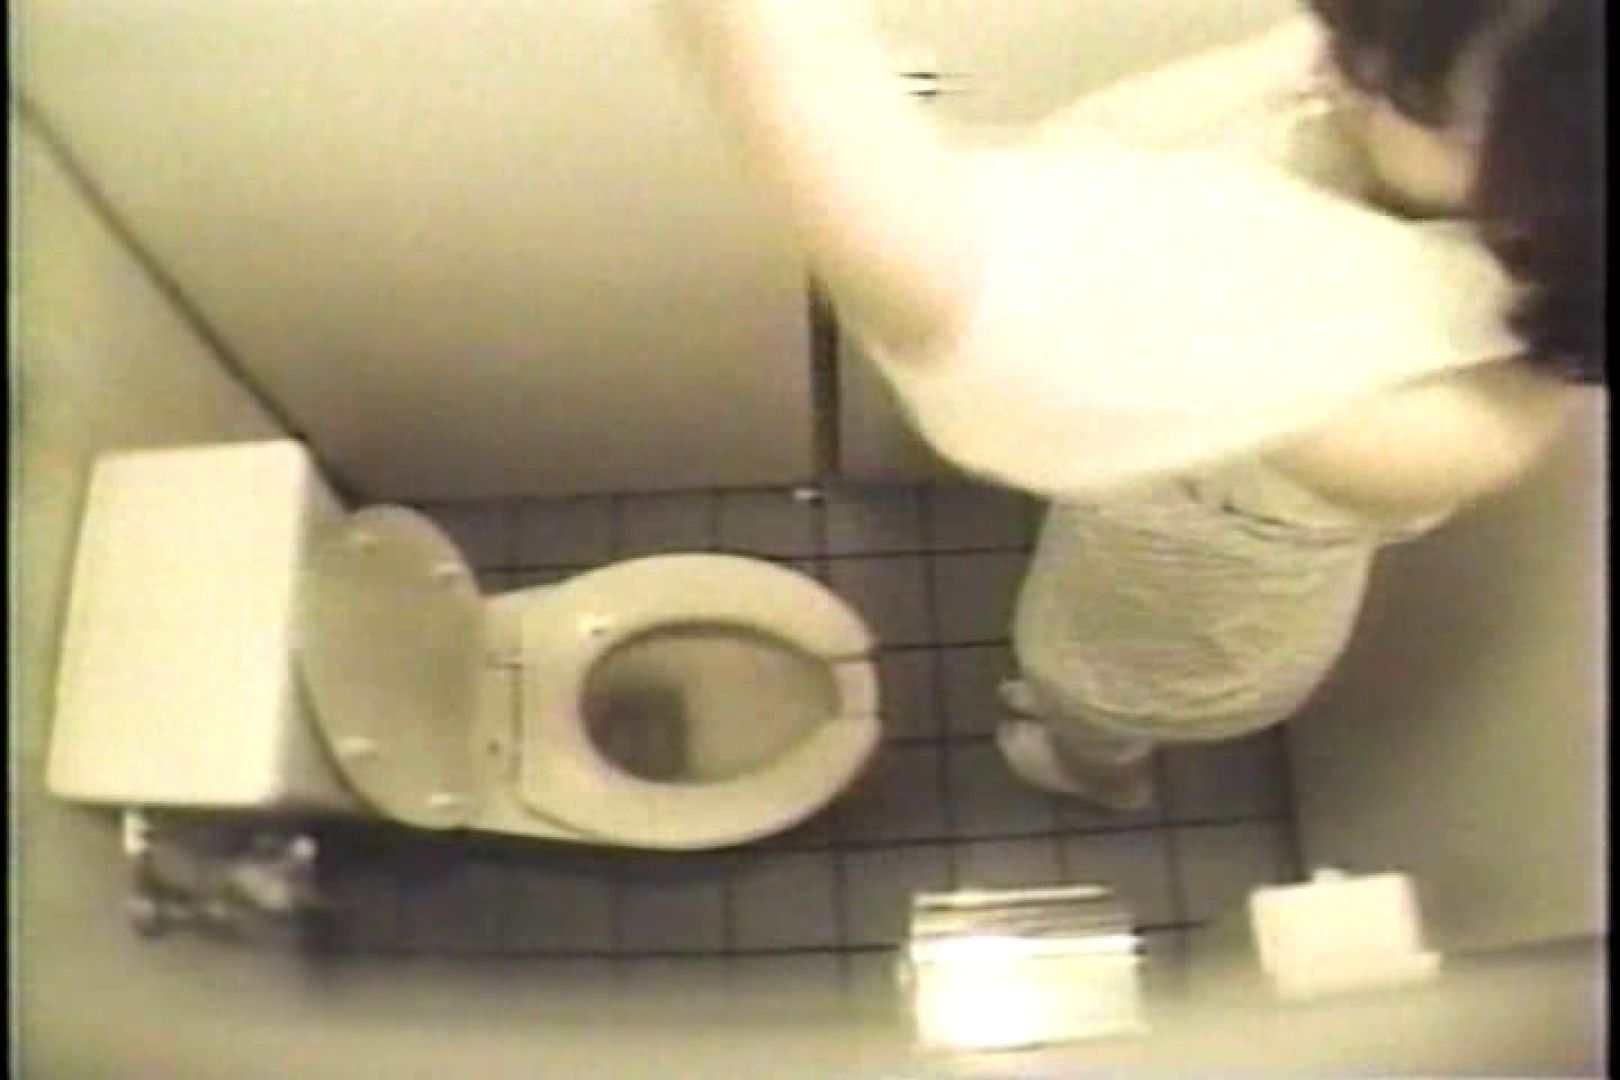 盗撮 女子洗面所3ヶ所入ってしゃがんで音出して プライベート | 和式  67pic 45